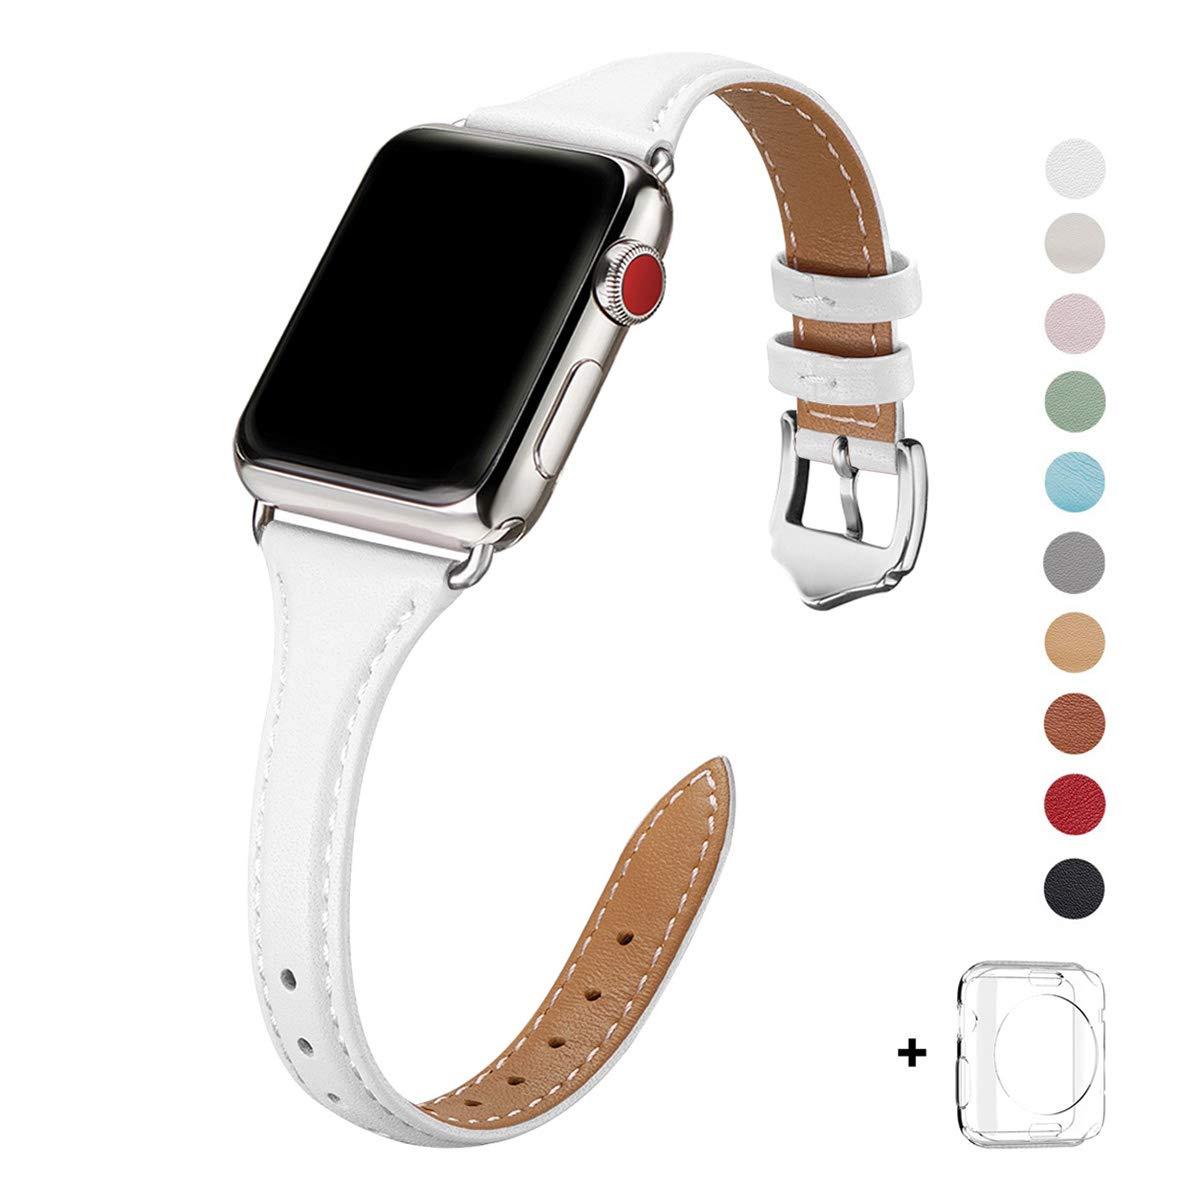 Malla Cuero para Apple Watch (42/44mm) WFEAGL [7W75NC3X]